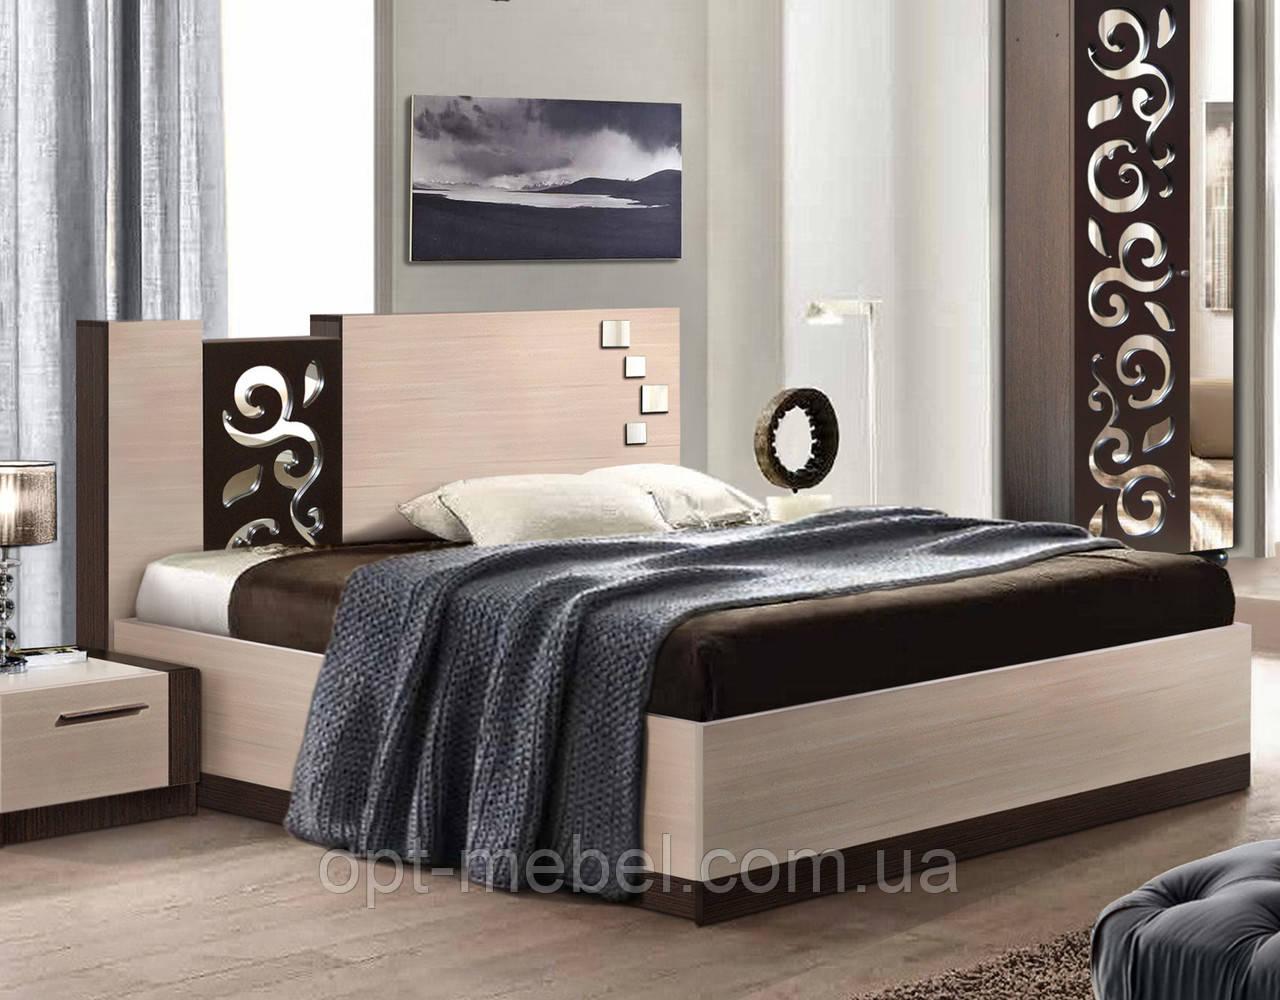 Кровать Сага 1400 с подъемным механизмом